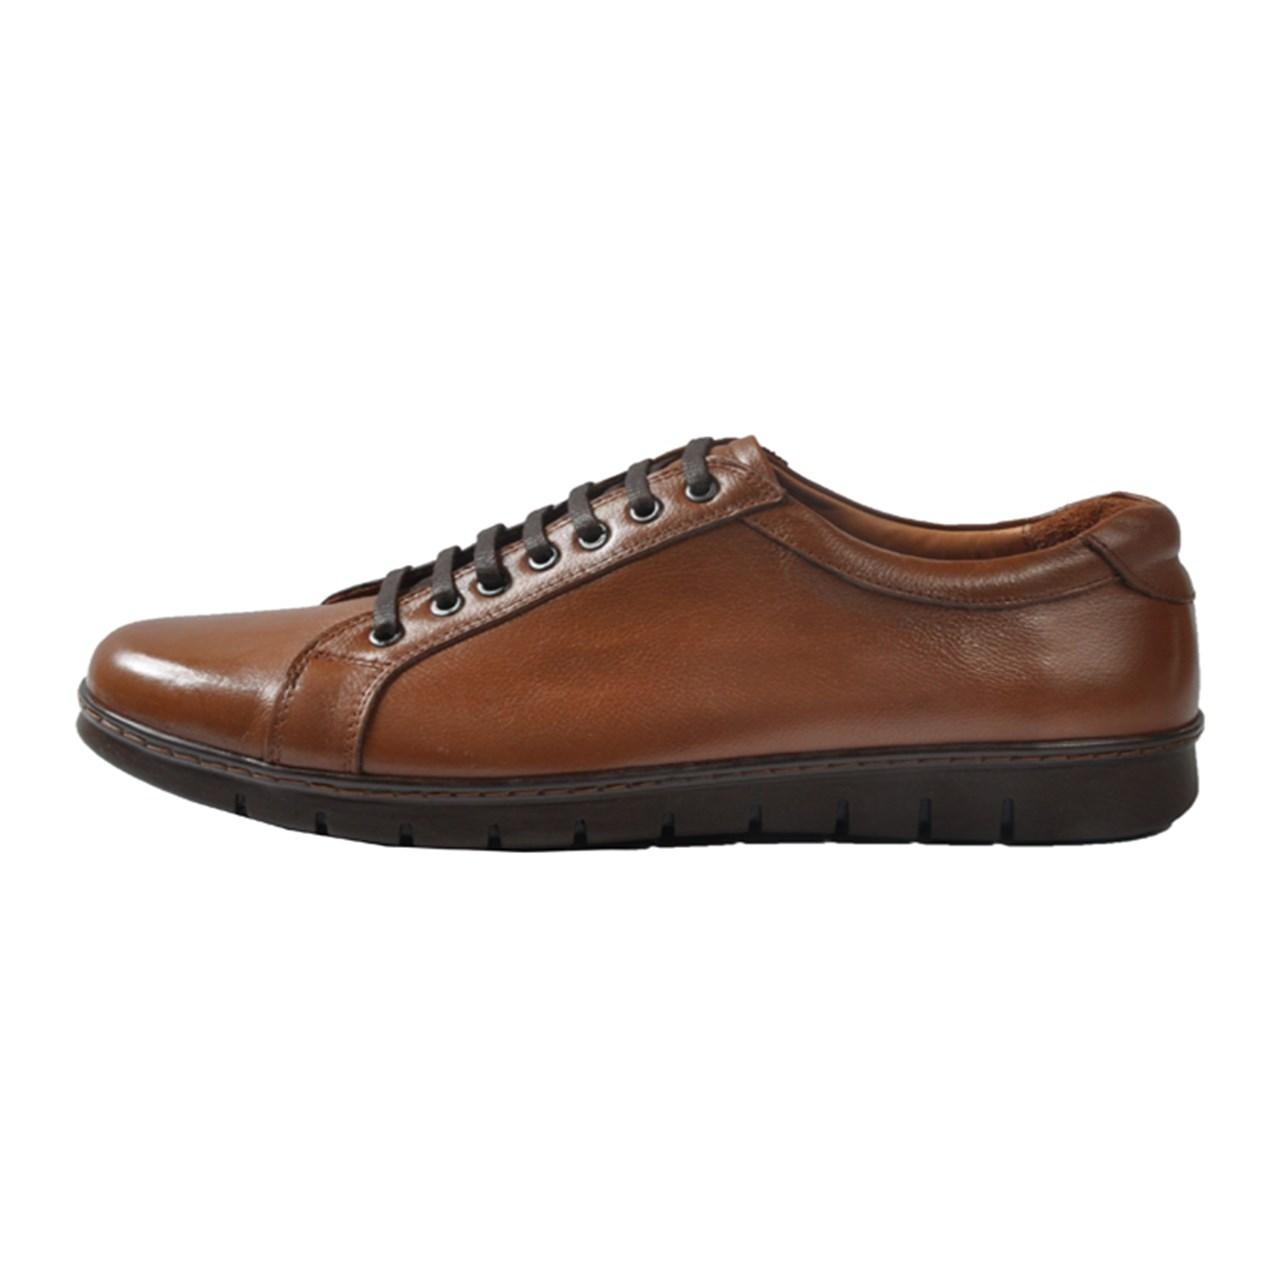 کفش چرم مردانه مهاجر مدل M26a